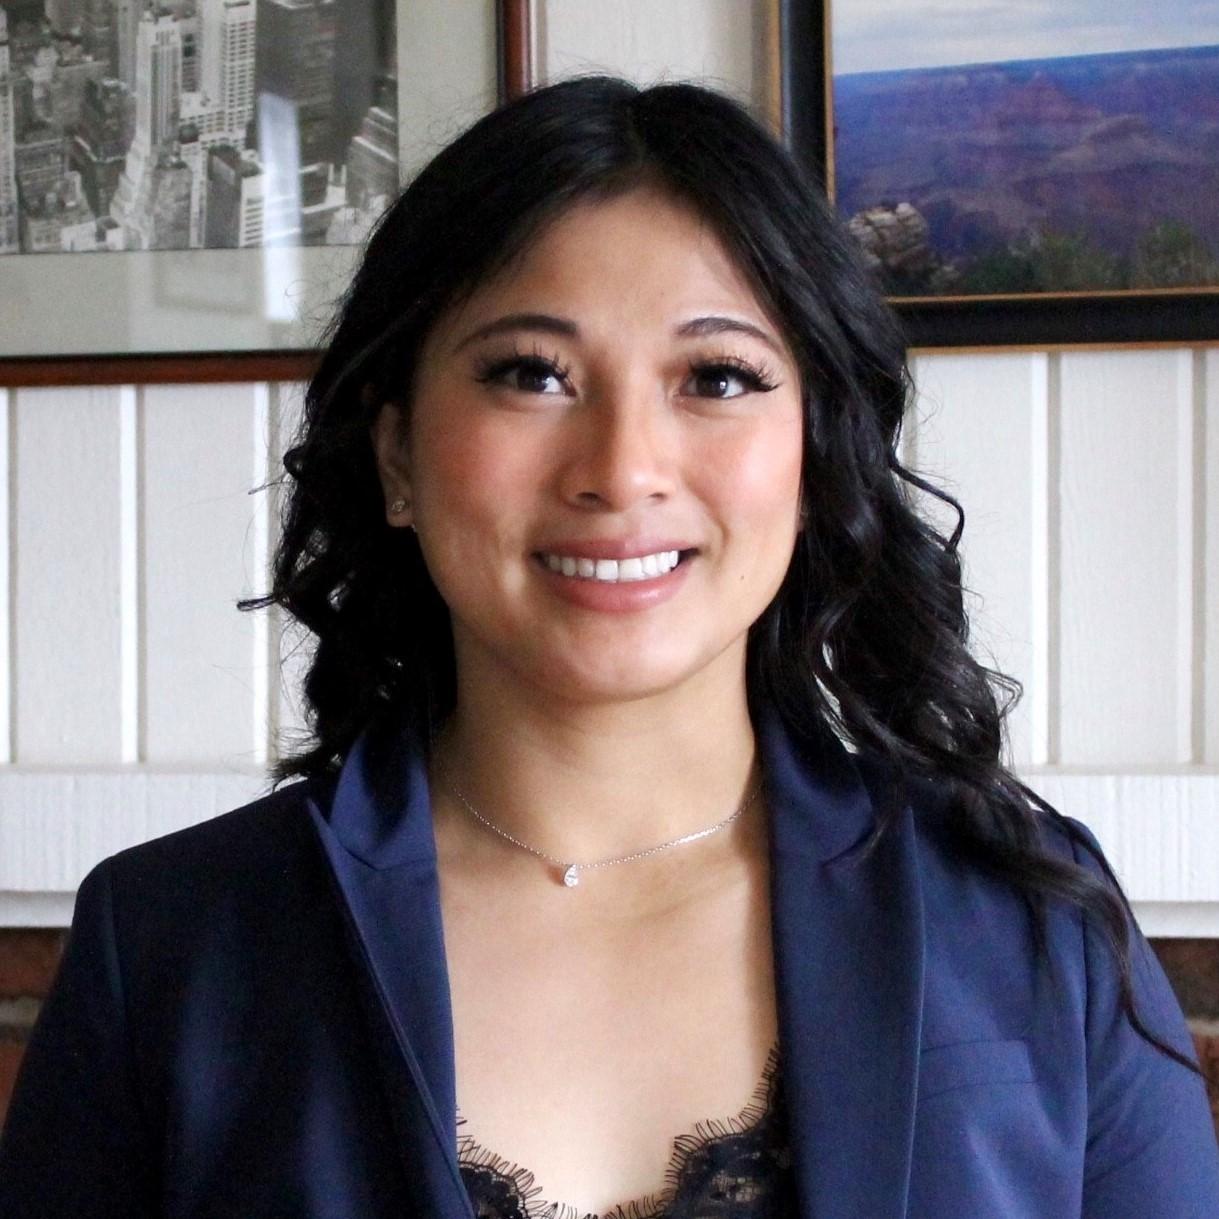 Edie profile picture